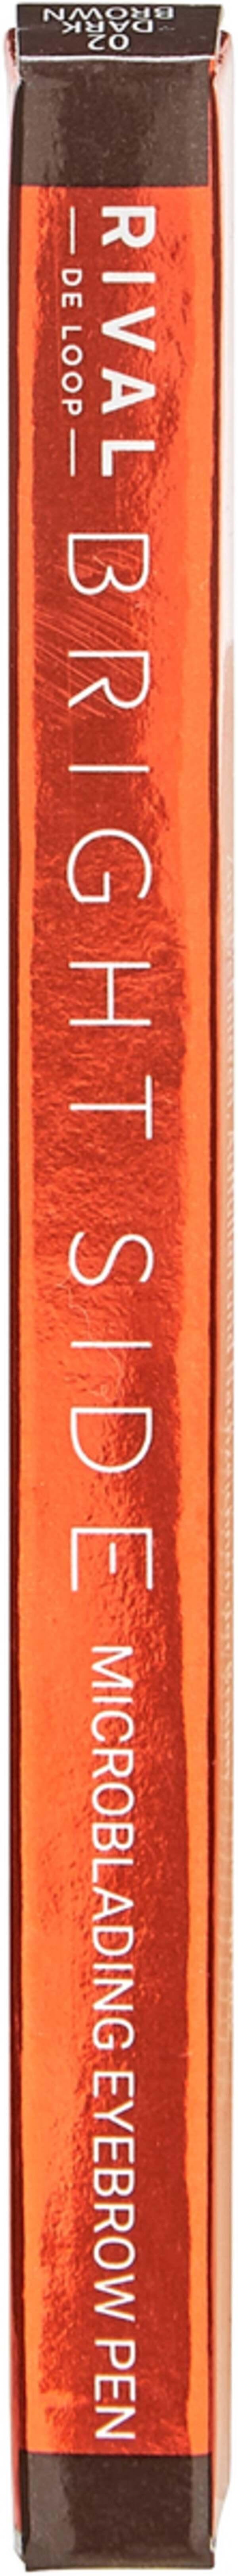 RIVAL DE LOOP Bright Side Microblading Eyebrow Pen 02